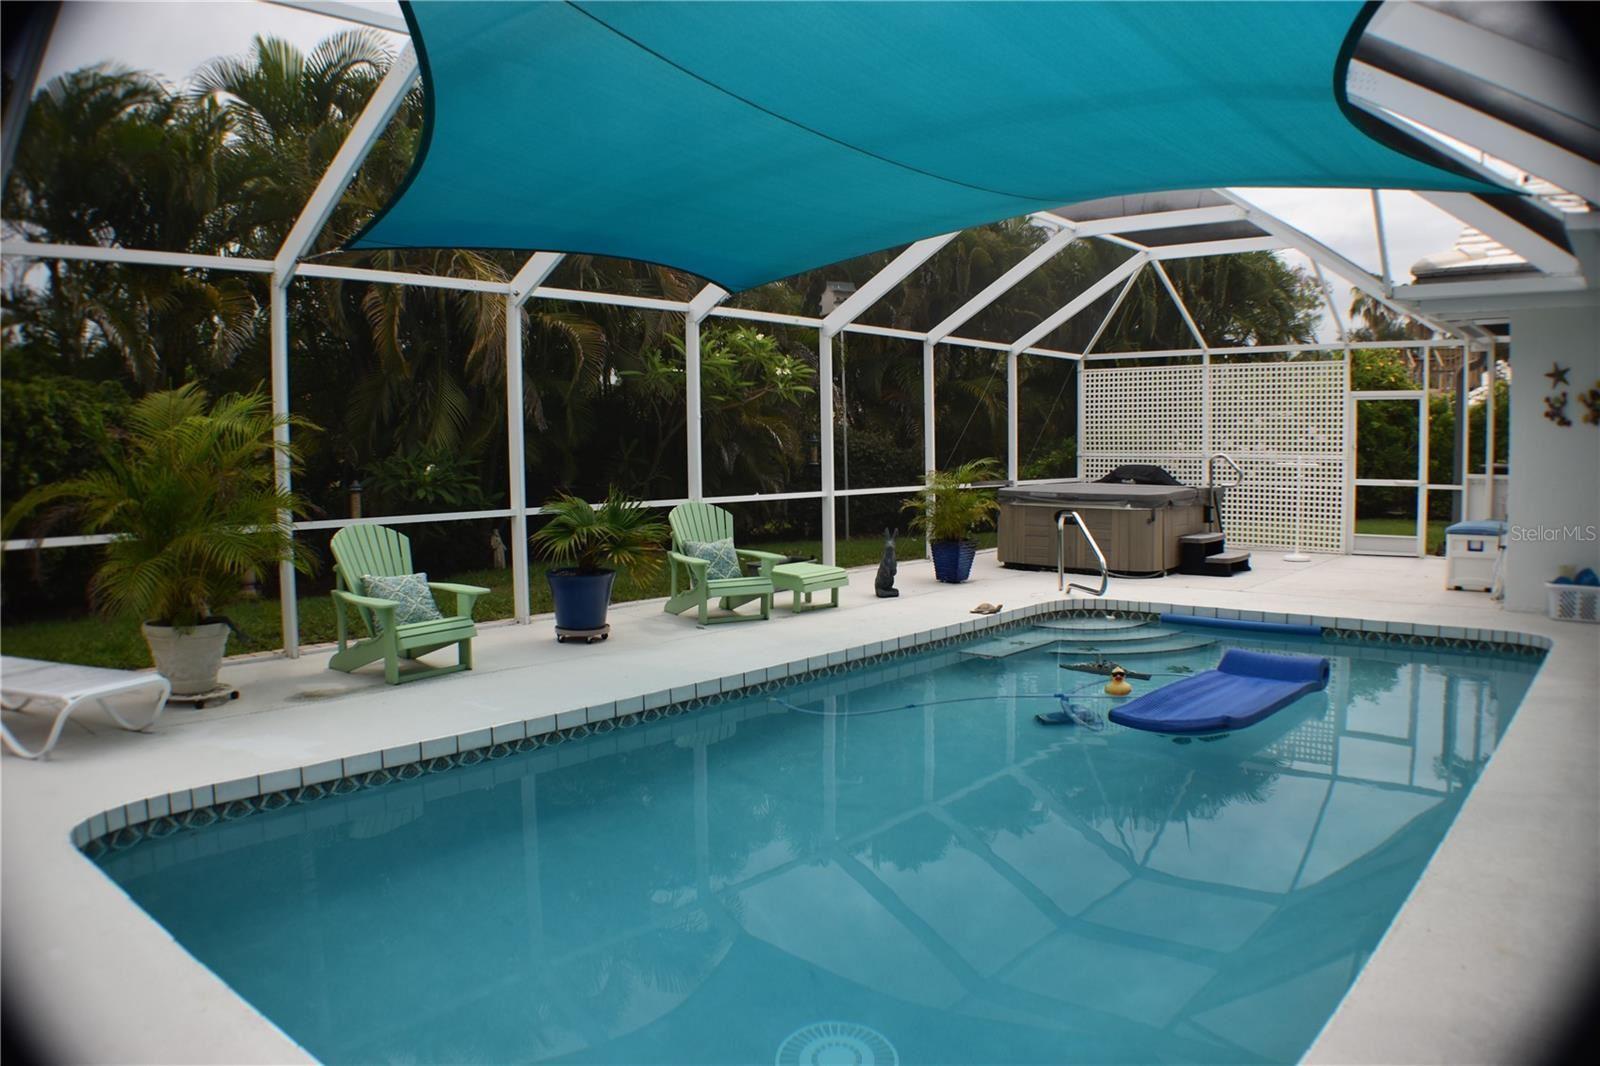 Photo of 118 DORY LANE, OSPREY, FL 34229 (MLS # N6116018)